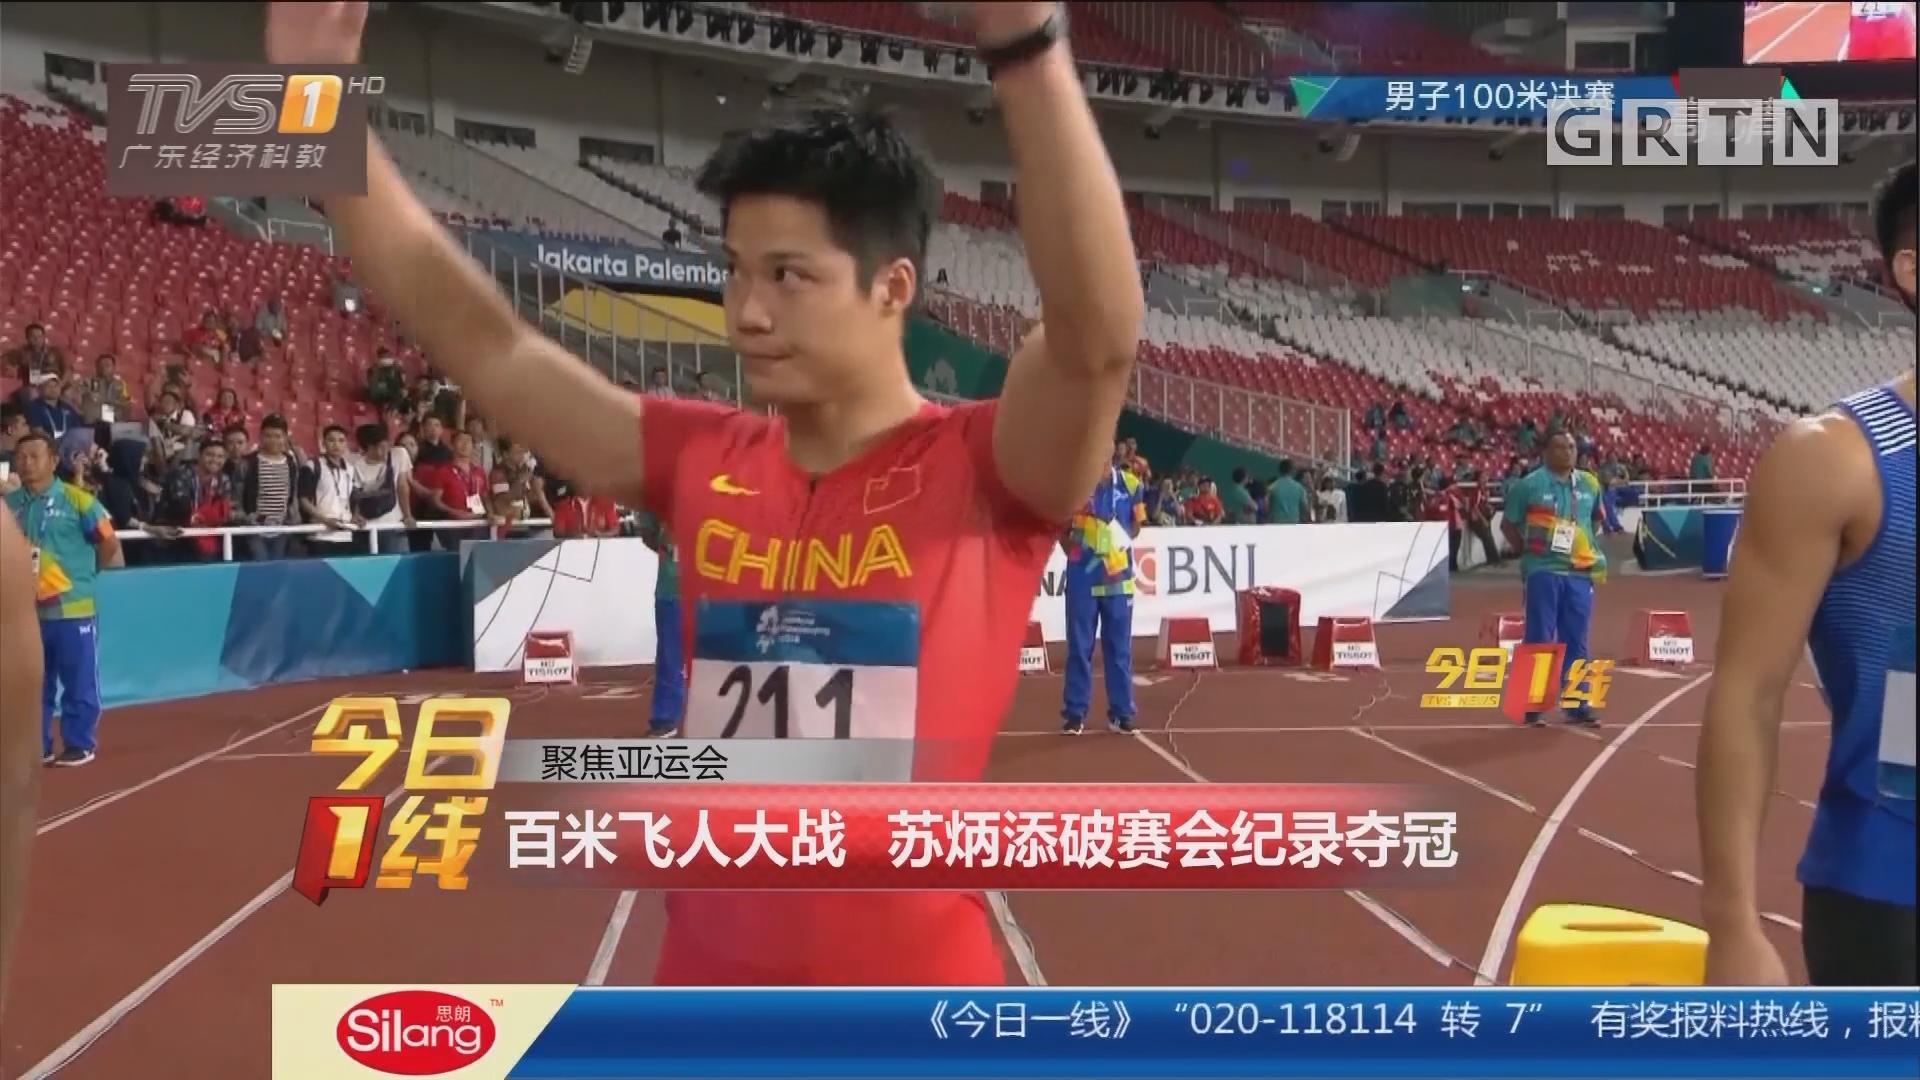 聚焦亚运会:百米飞人大战 苏炳添破赛会纪录夺冠